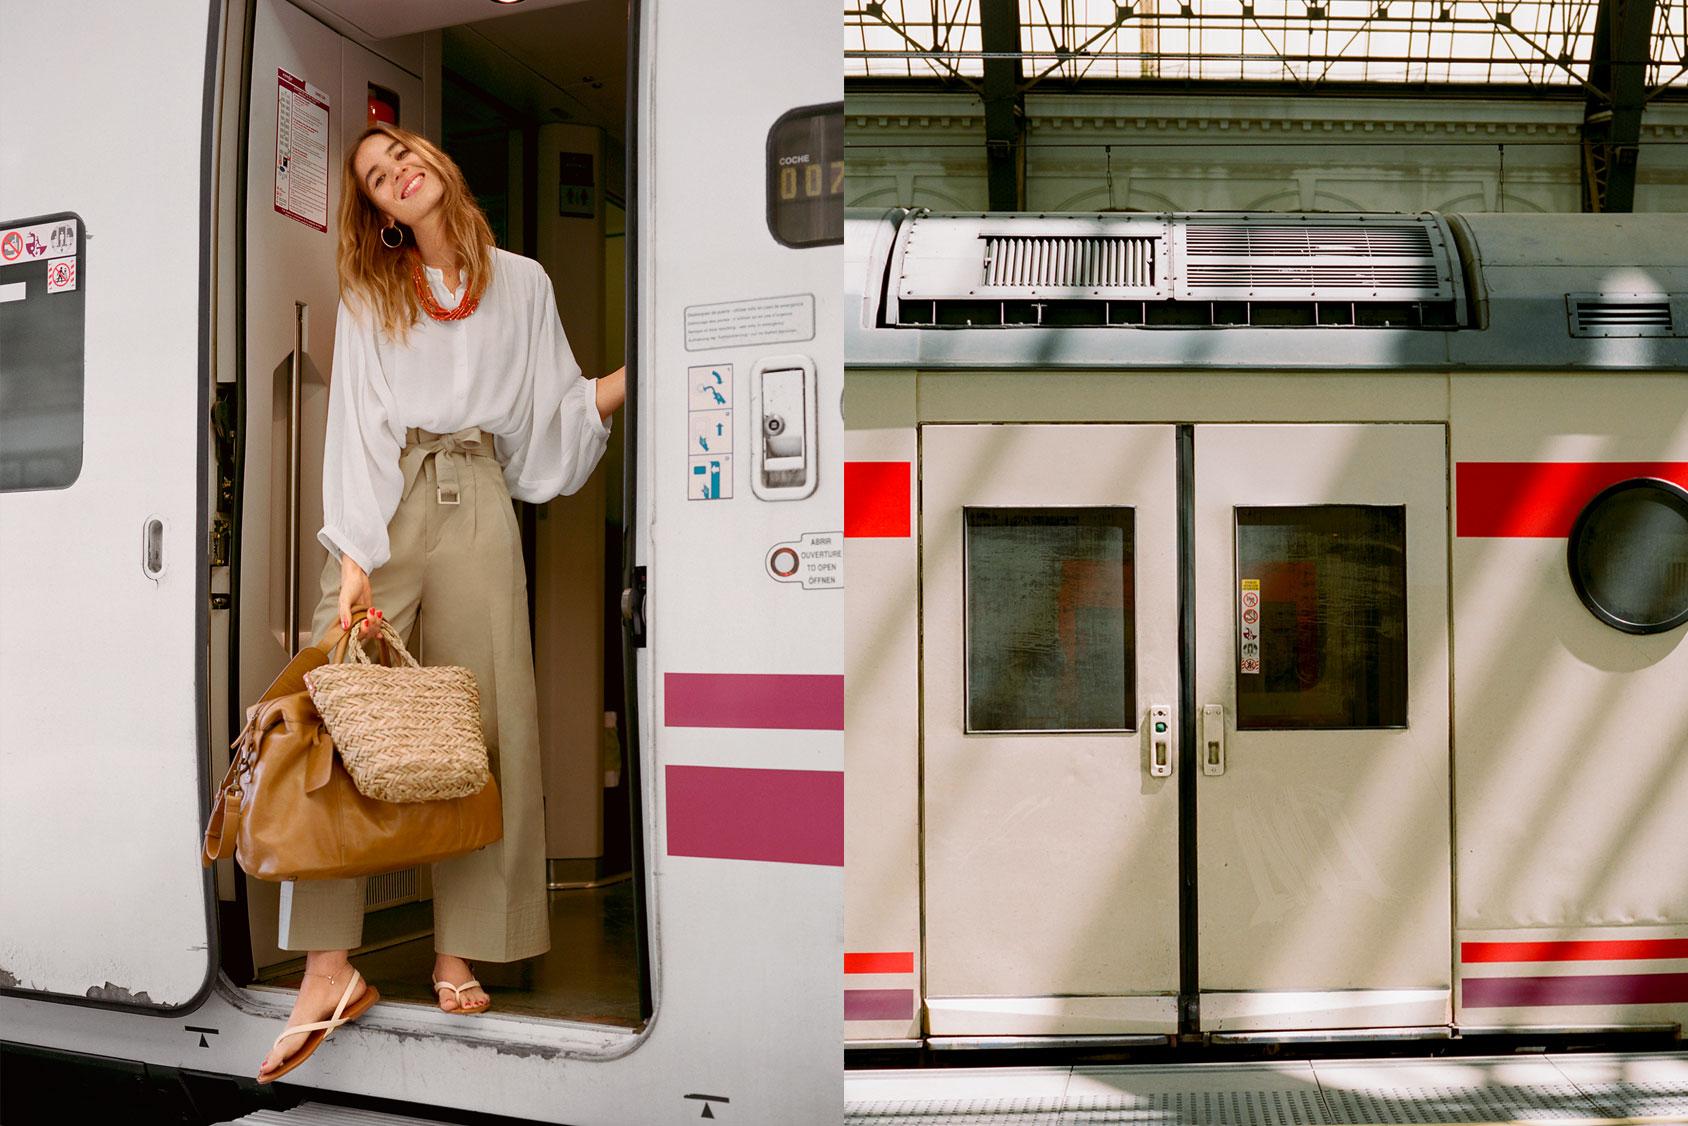 Tren en Barcelona